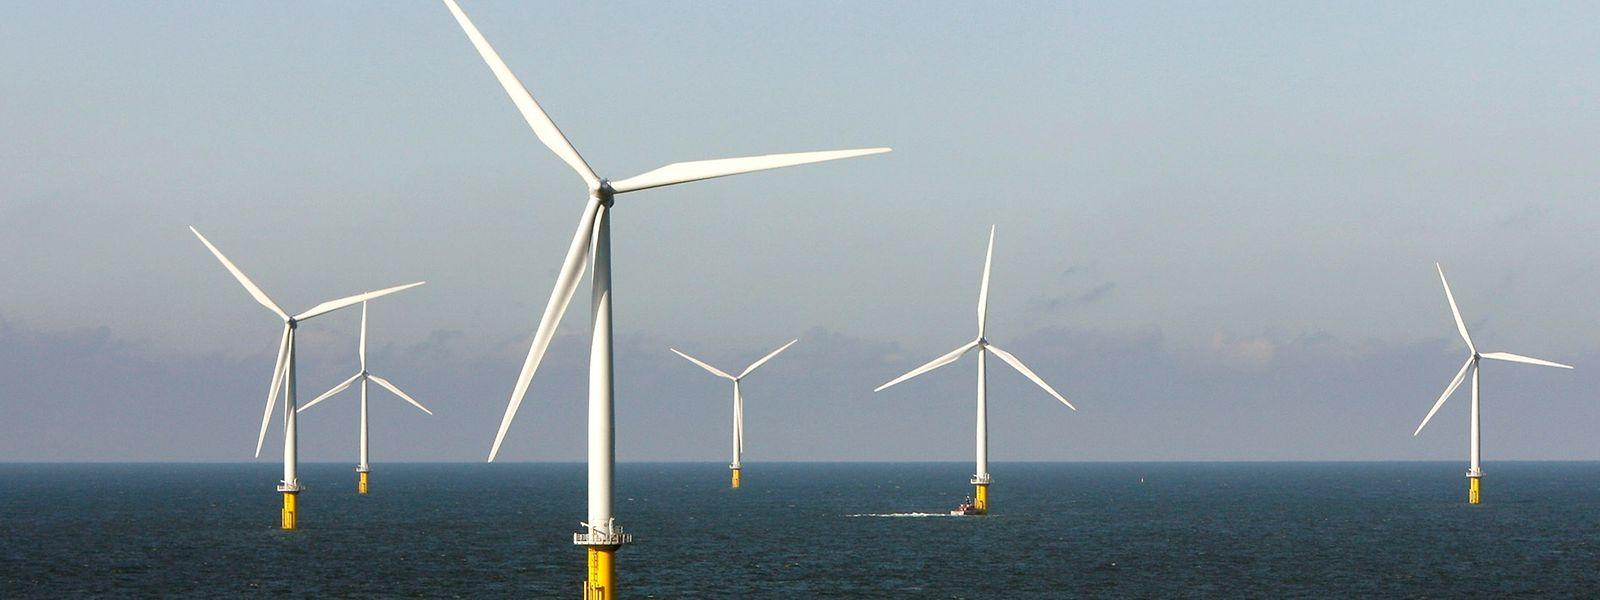 Le Luxembourg participera à une série de projets internationaux dédiés à des parcs éoliens au large des côtes, qui pourraient être simultanément connectés à plusieurs pays.